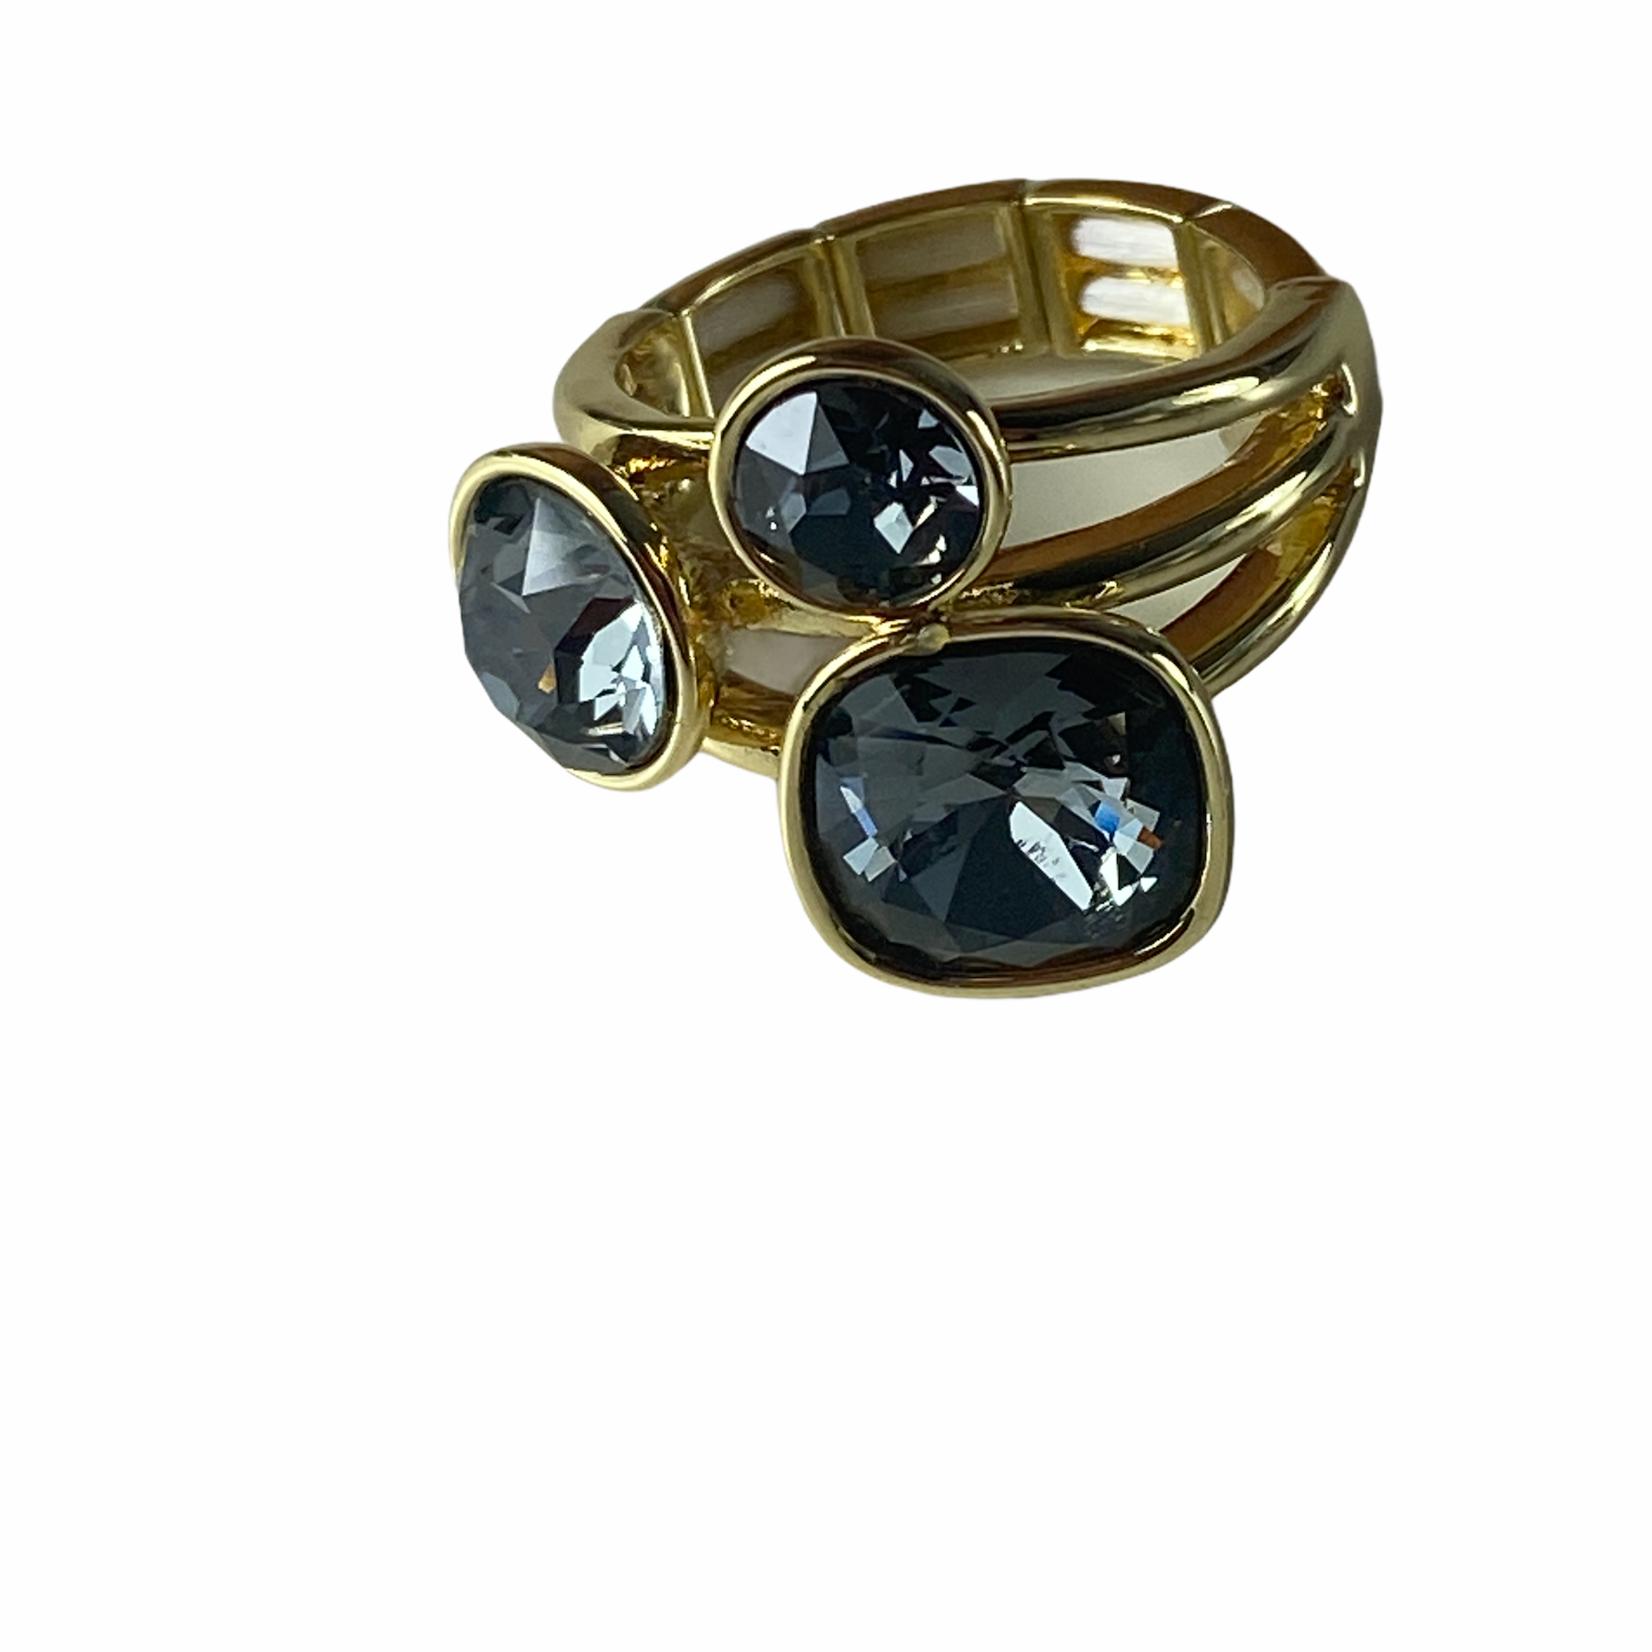 Axxes-Soir Ring - 1 maat - op elastiek - goudkleurig - Swarovski - donker grijs